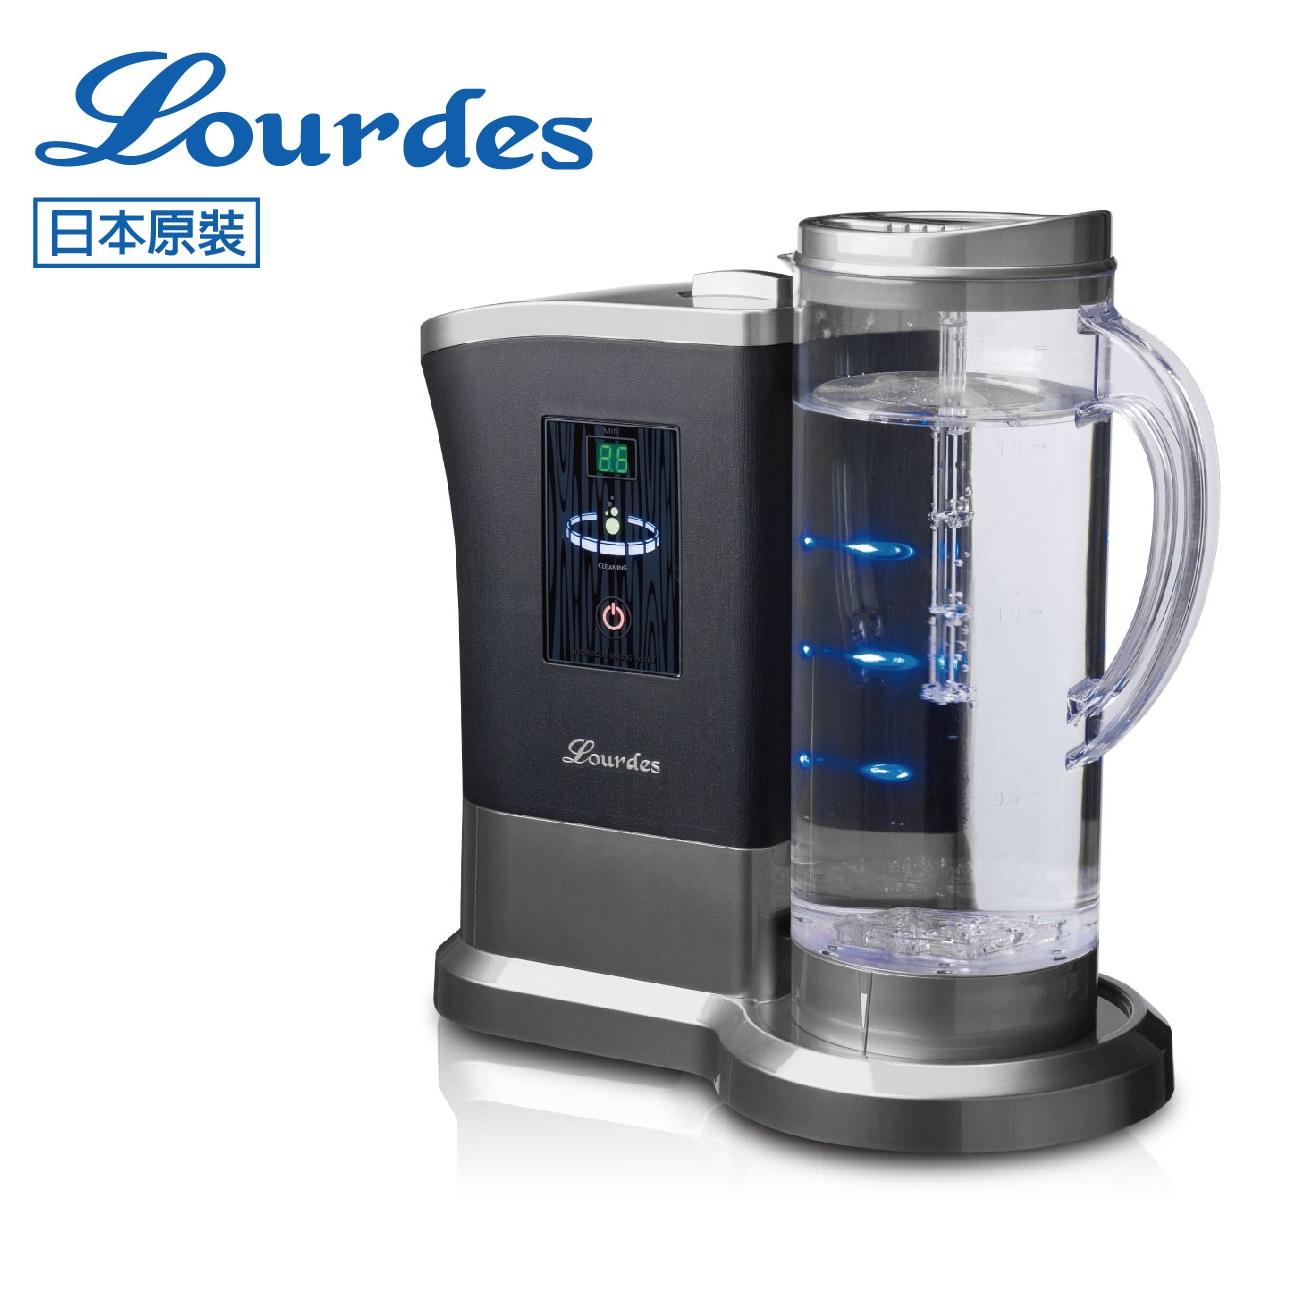 【淨水生活】日本Lourdes 羅德氫騎兵負氫水(高濃度水素水生成器) 水界明日之星 日本原裝進口 - 太空灰